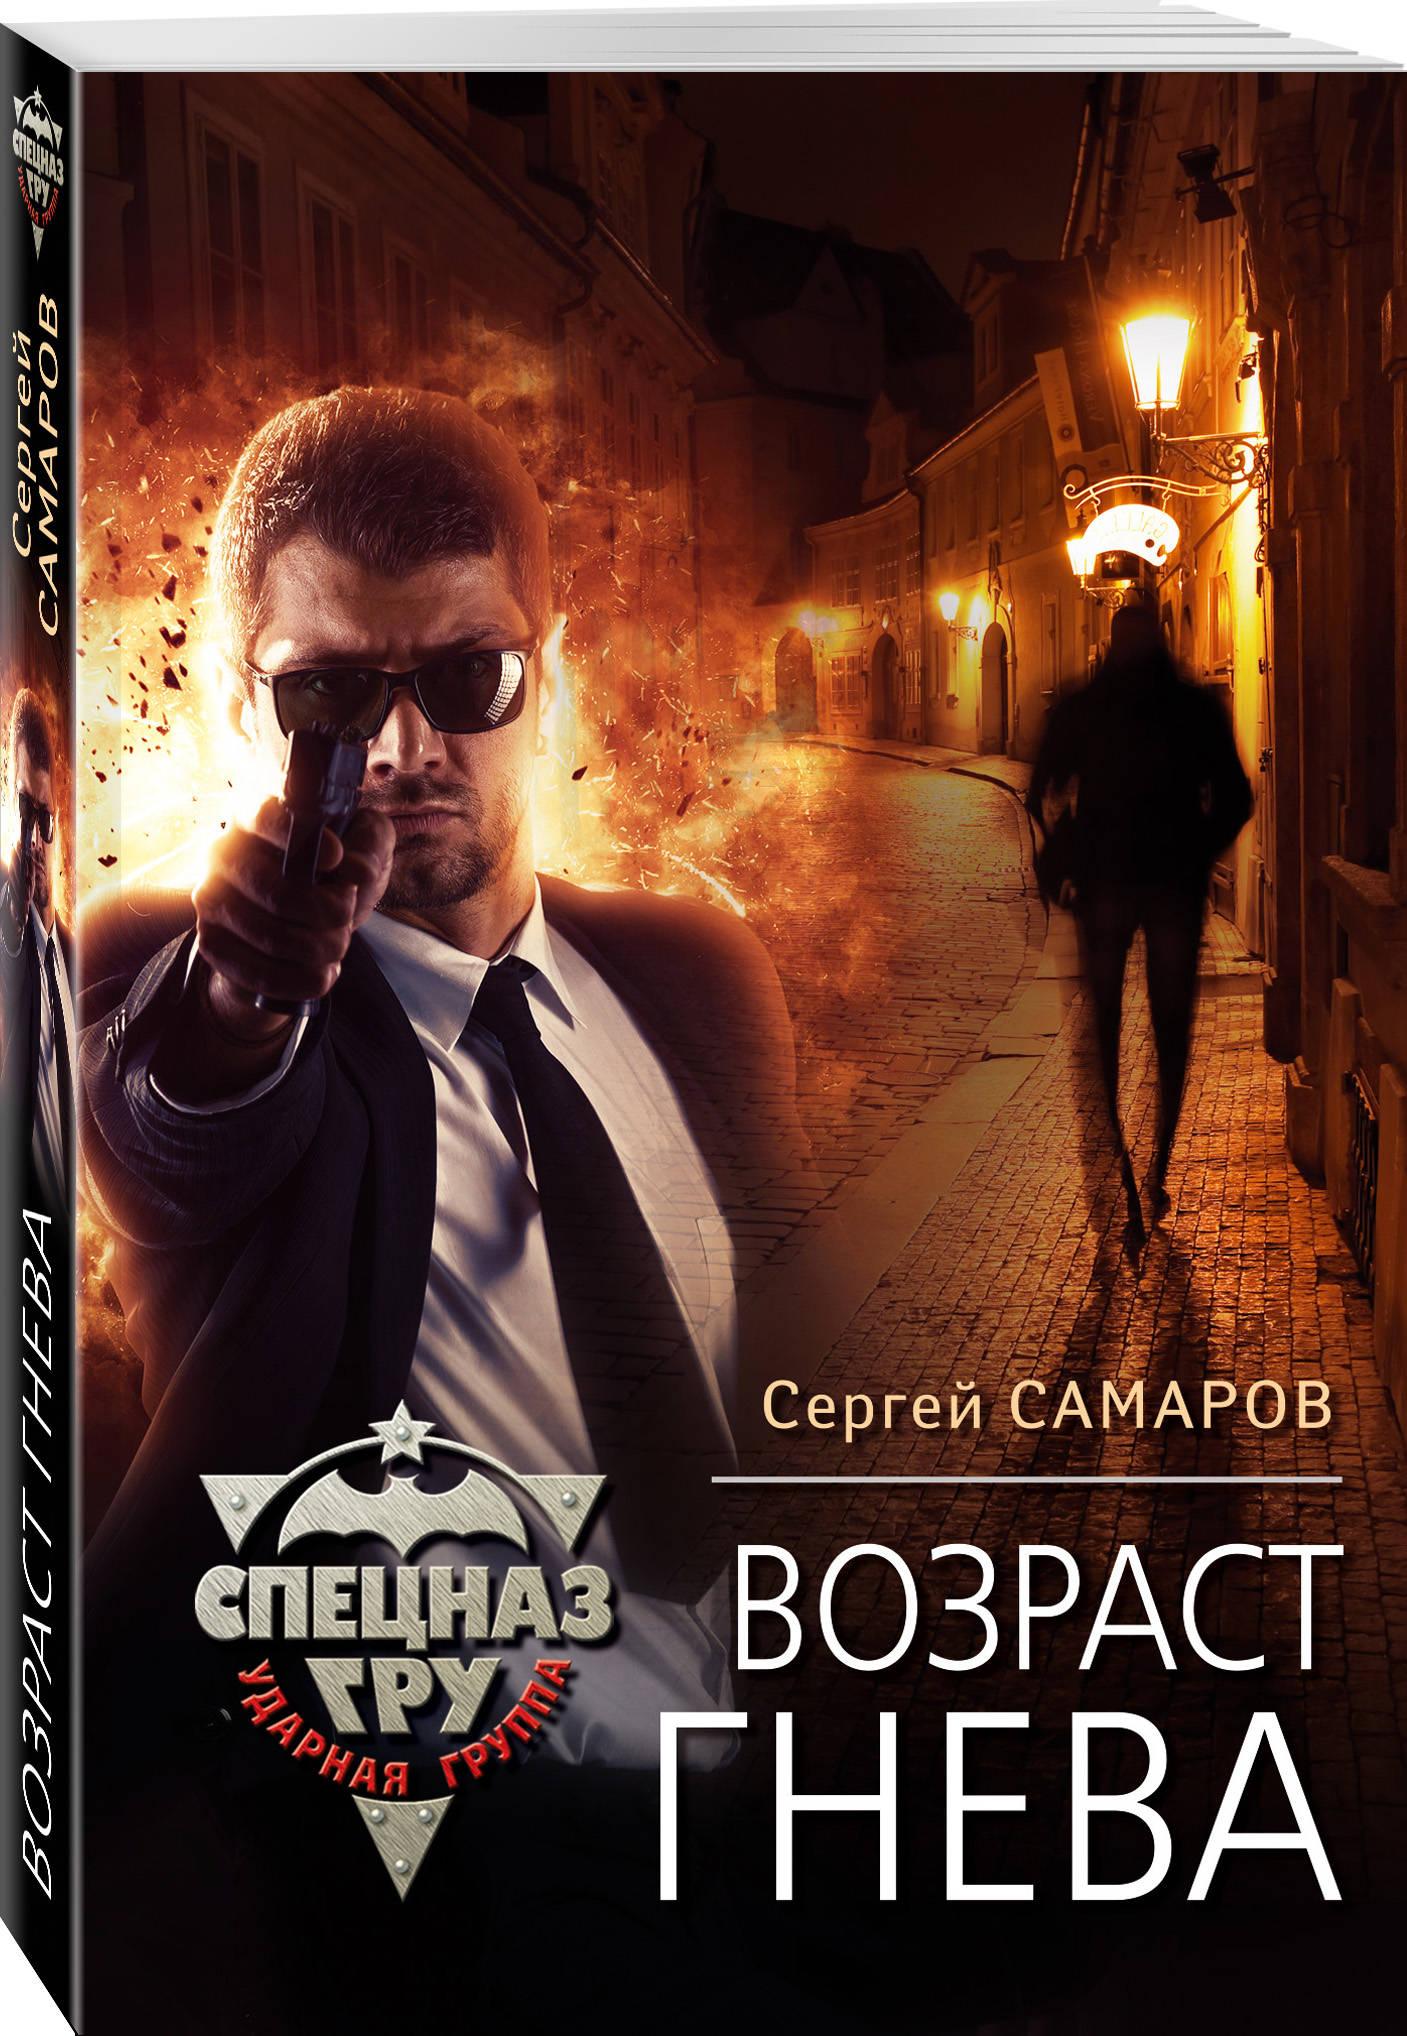 Сергей Самаров Возраст гнева